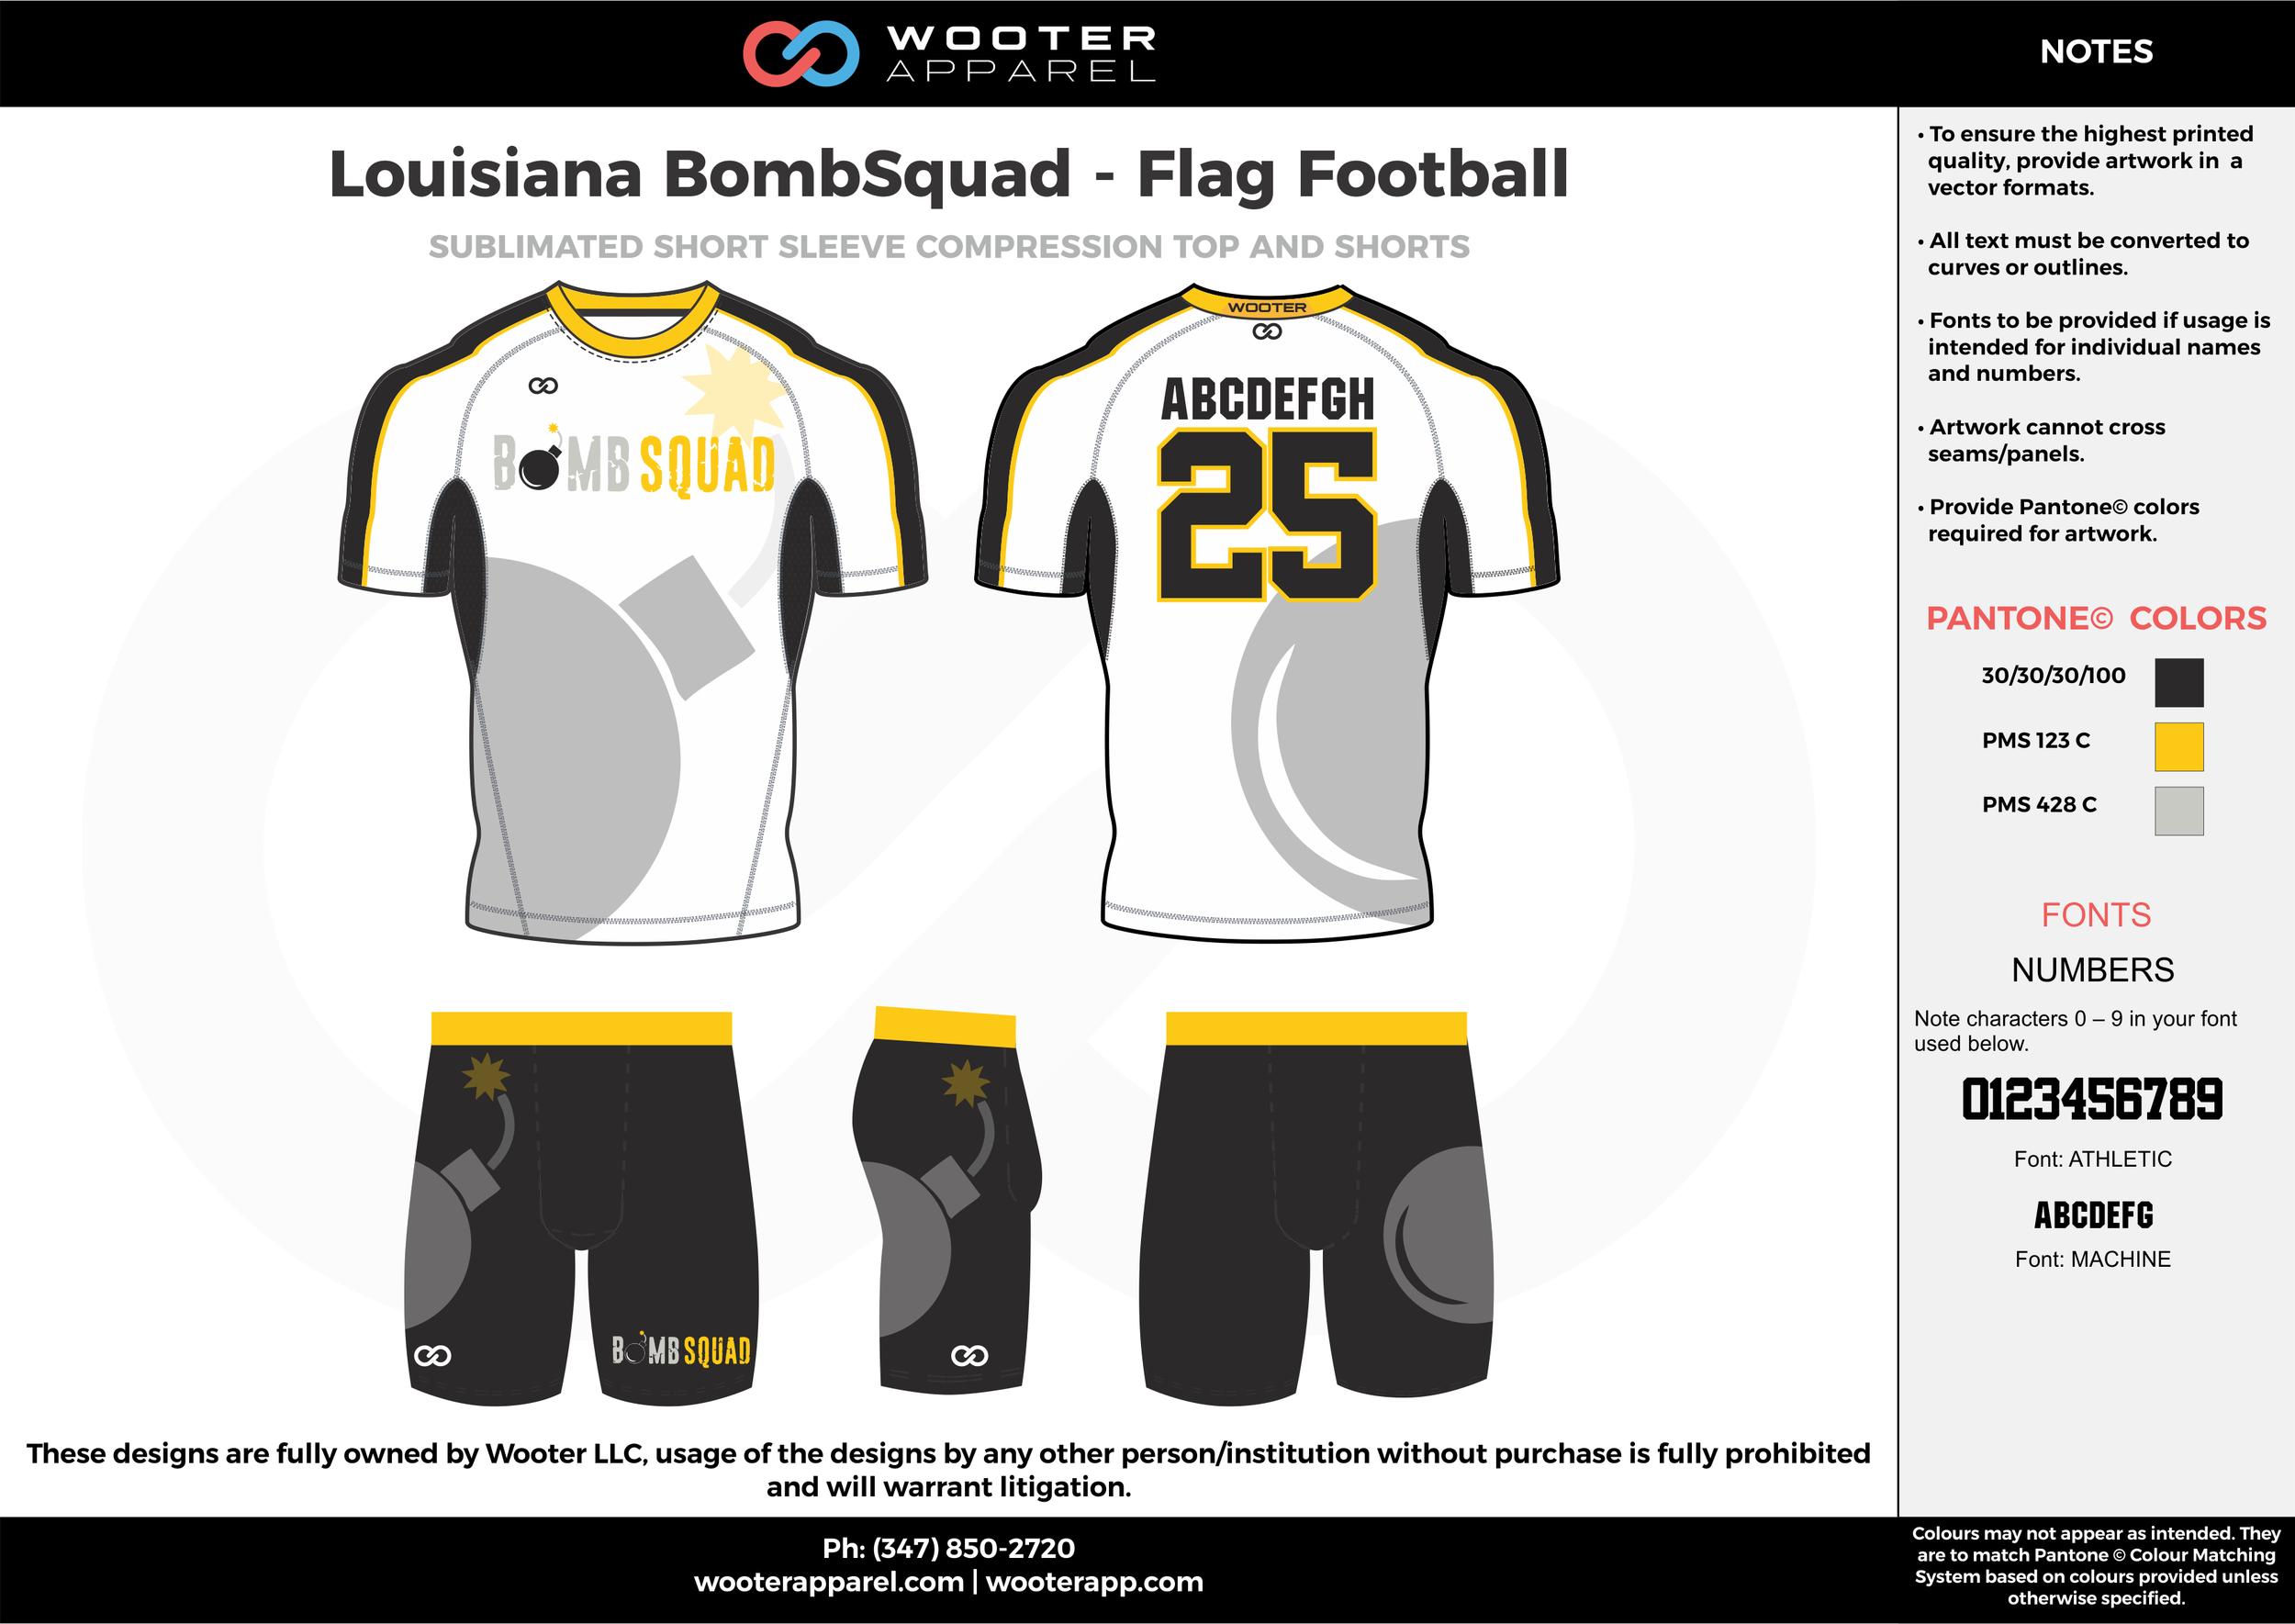 Louisiana BombSquad- Flag Football white black gray yellow flag football uniforms jerseys shorts